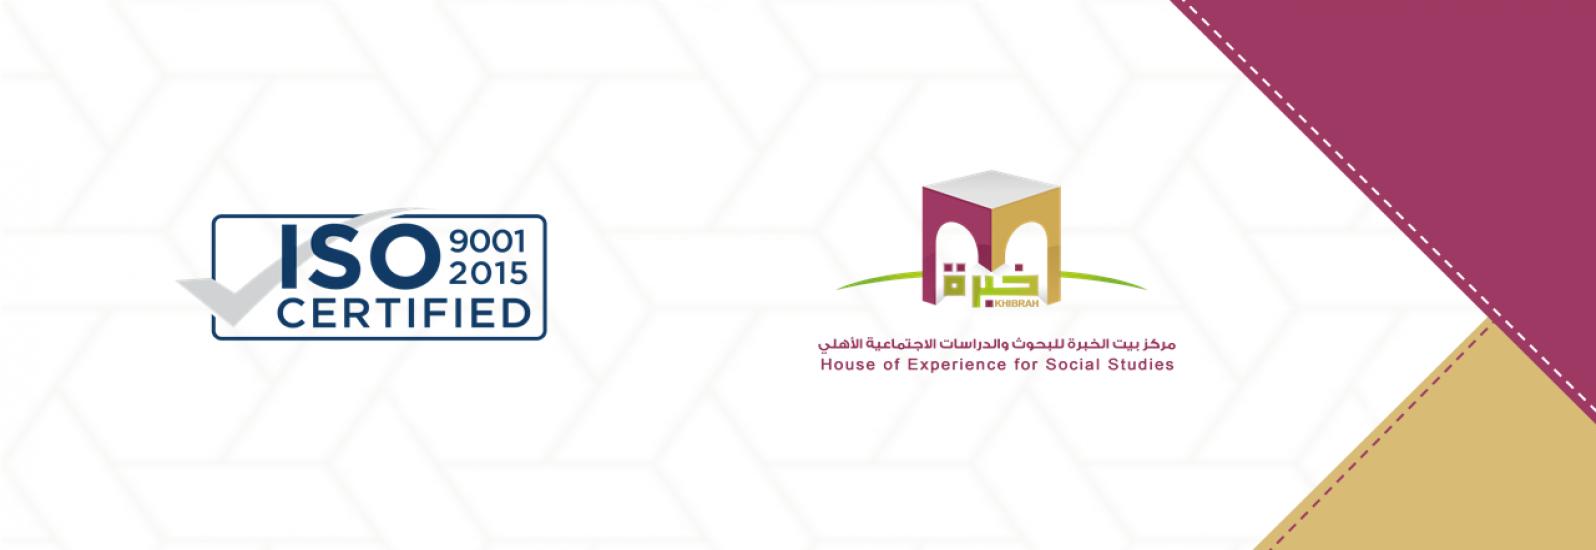 مركز بيت الخبرة للبحوث والدراسات الاجتماعية الأهلي في الاحساء يجدد اعتماد حصوله على شهادة الأيزو ISO 9001/2015